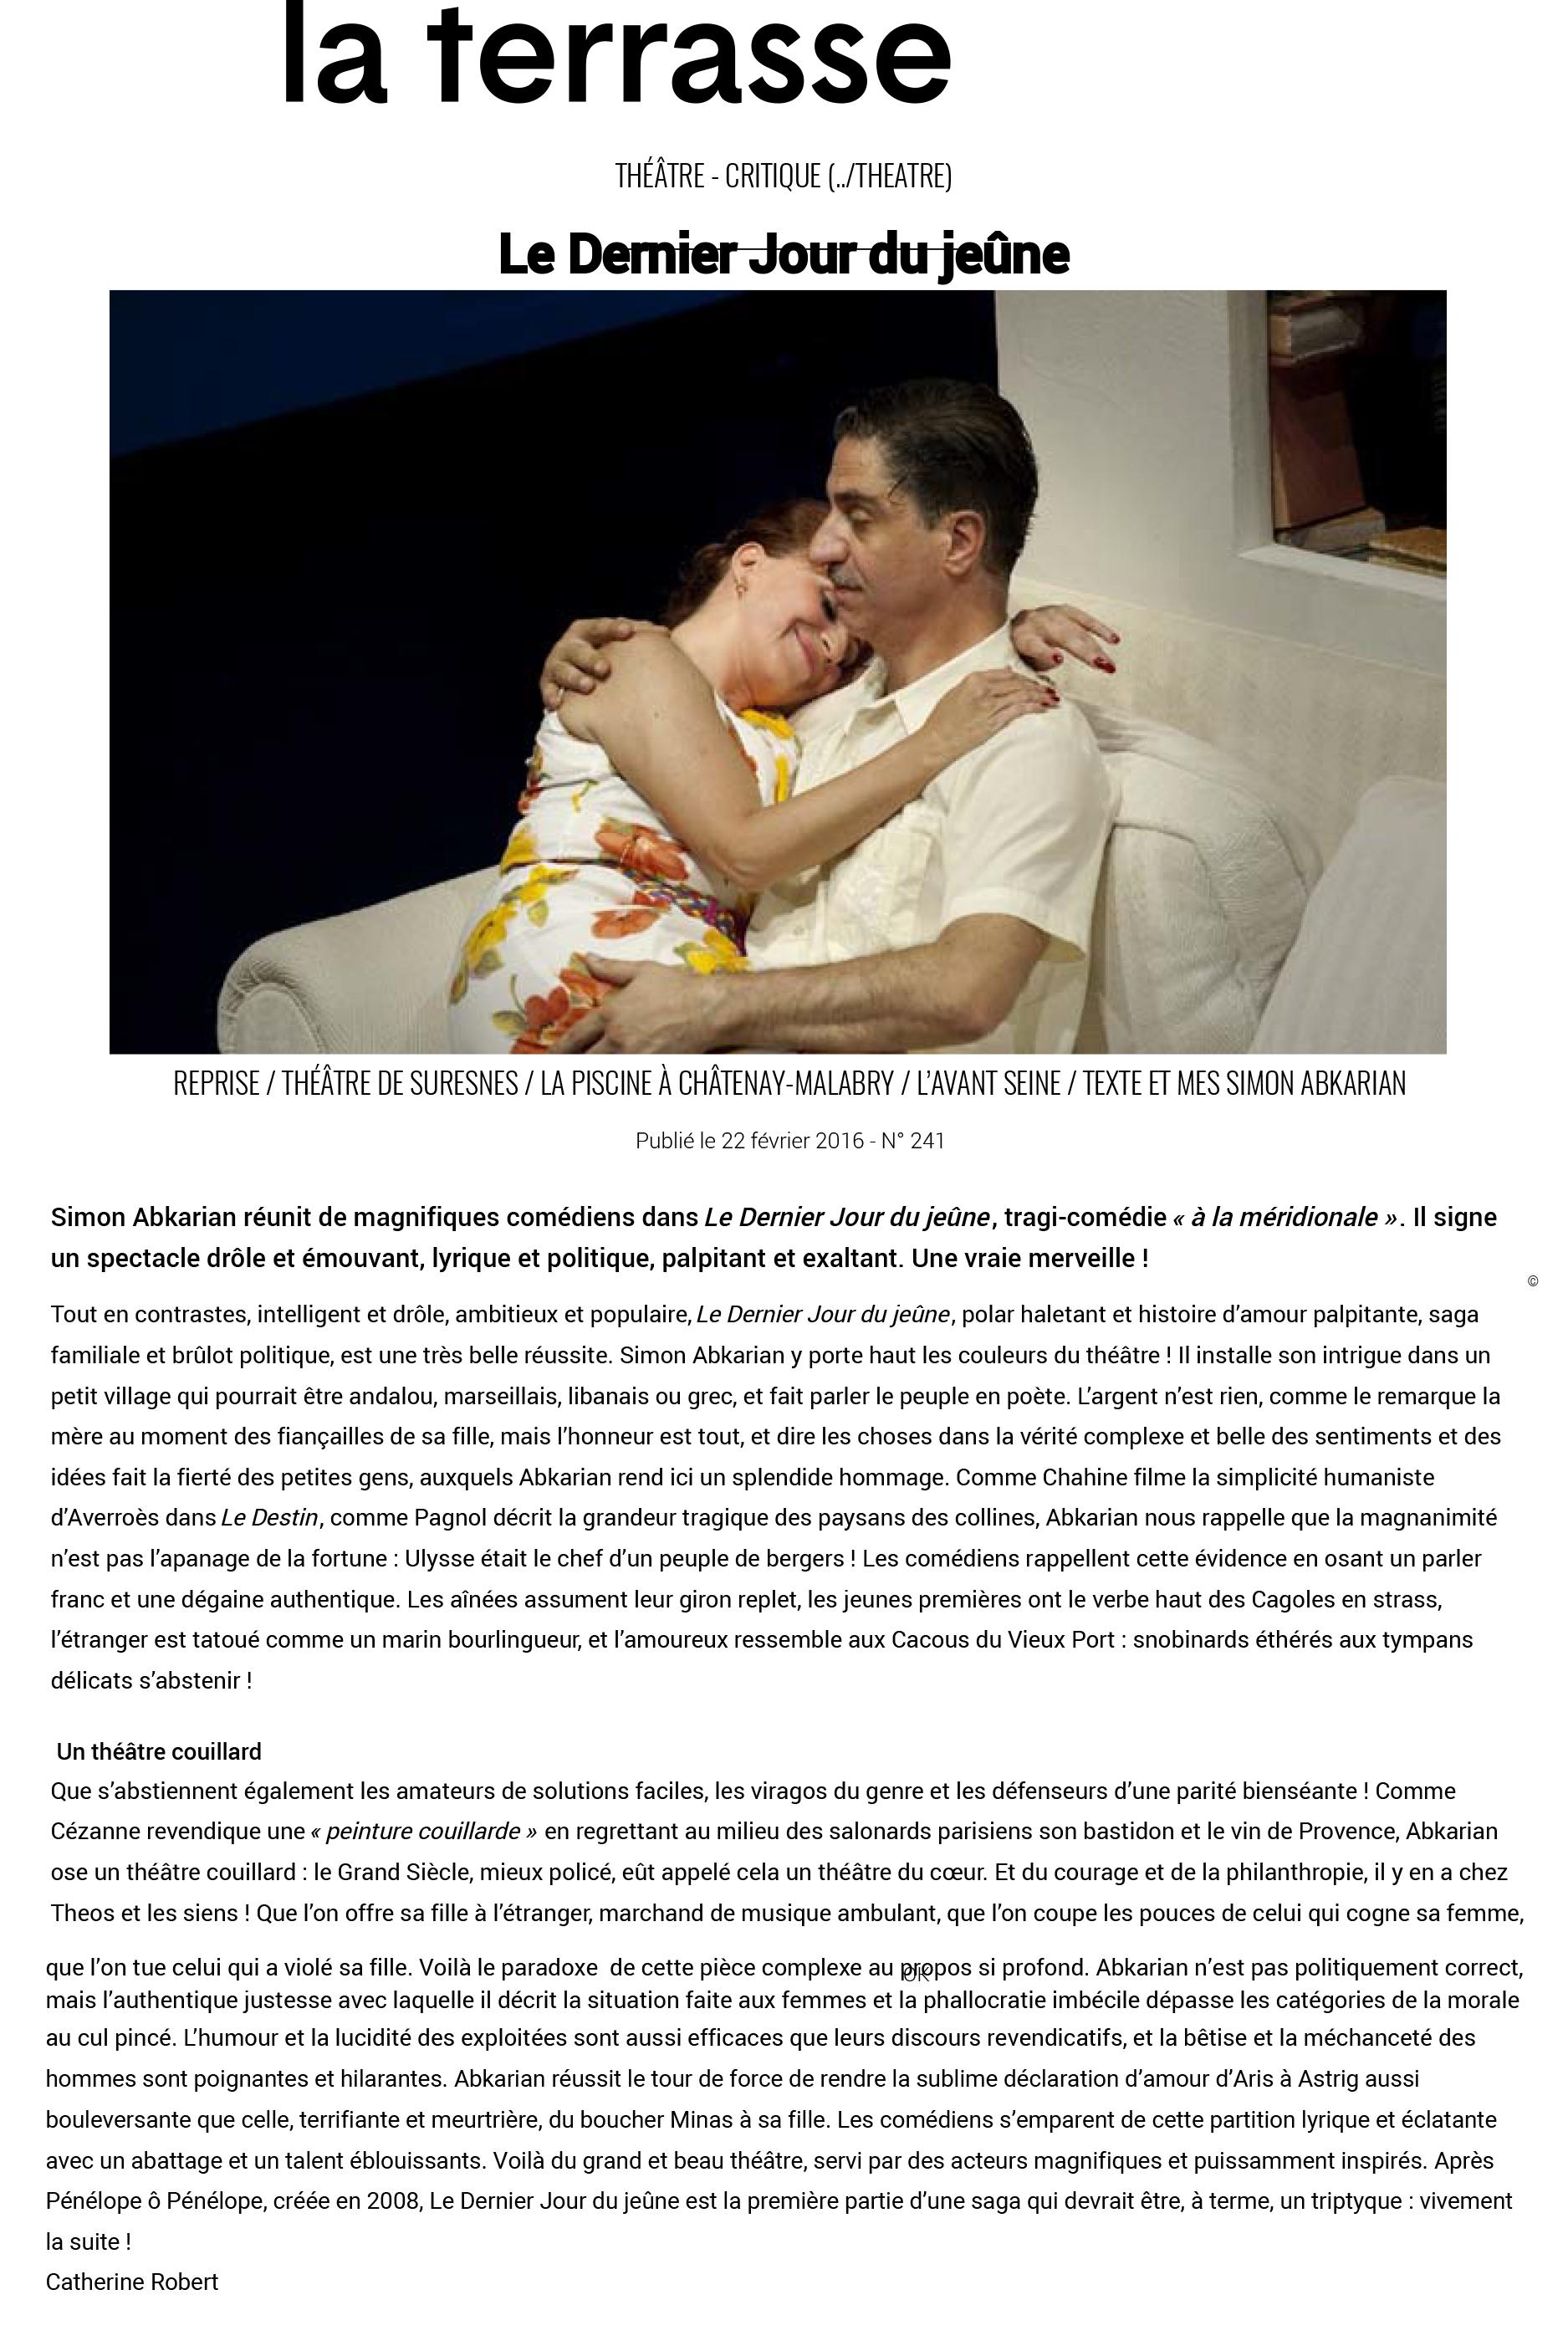 Le_Dernier_Jour_du_jeûne_-_Théâtre___Critique_-_Journal_La_Terrasse